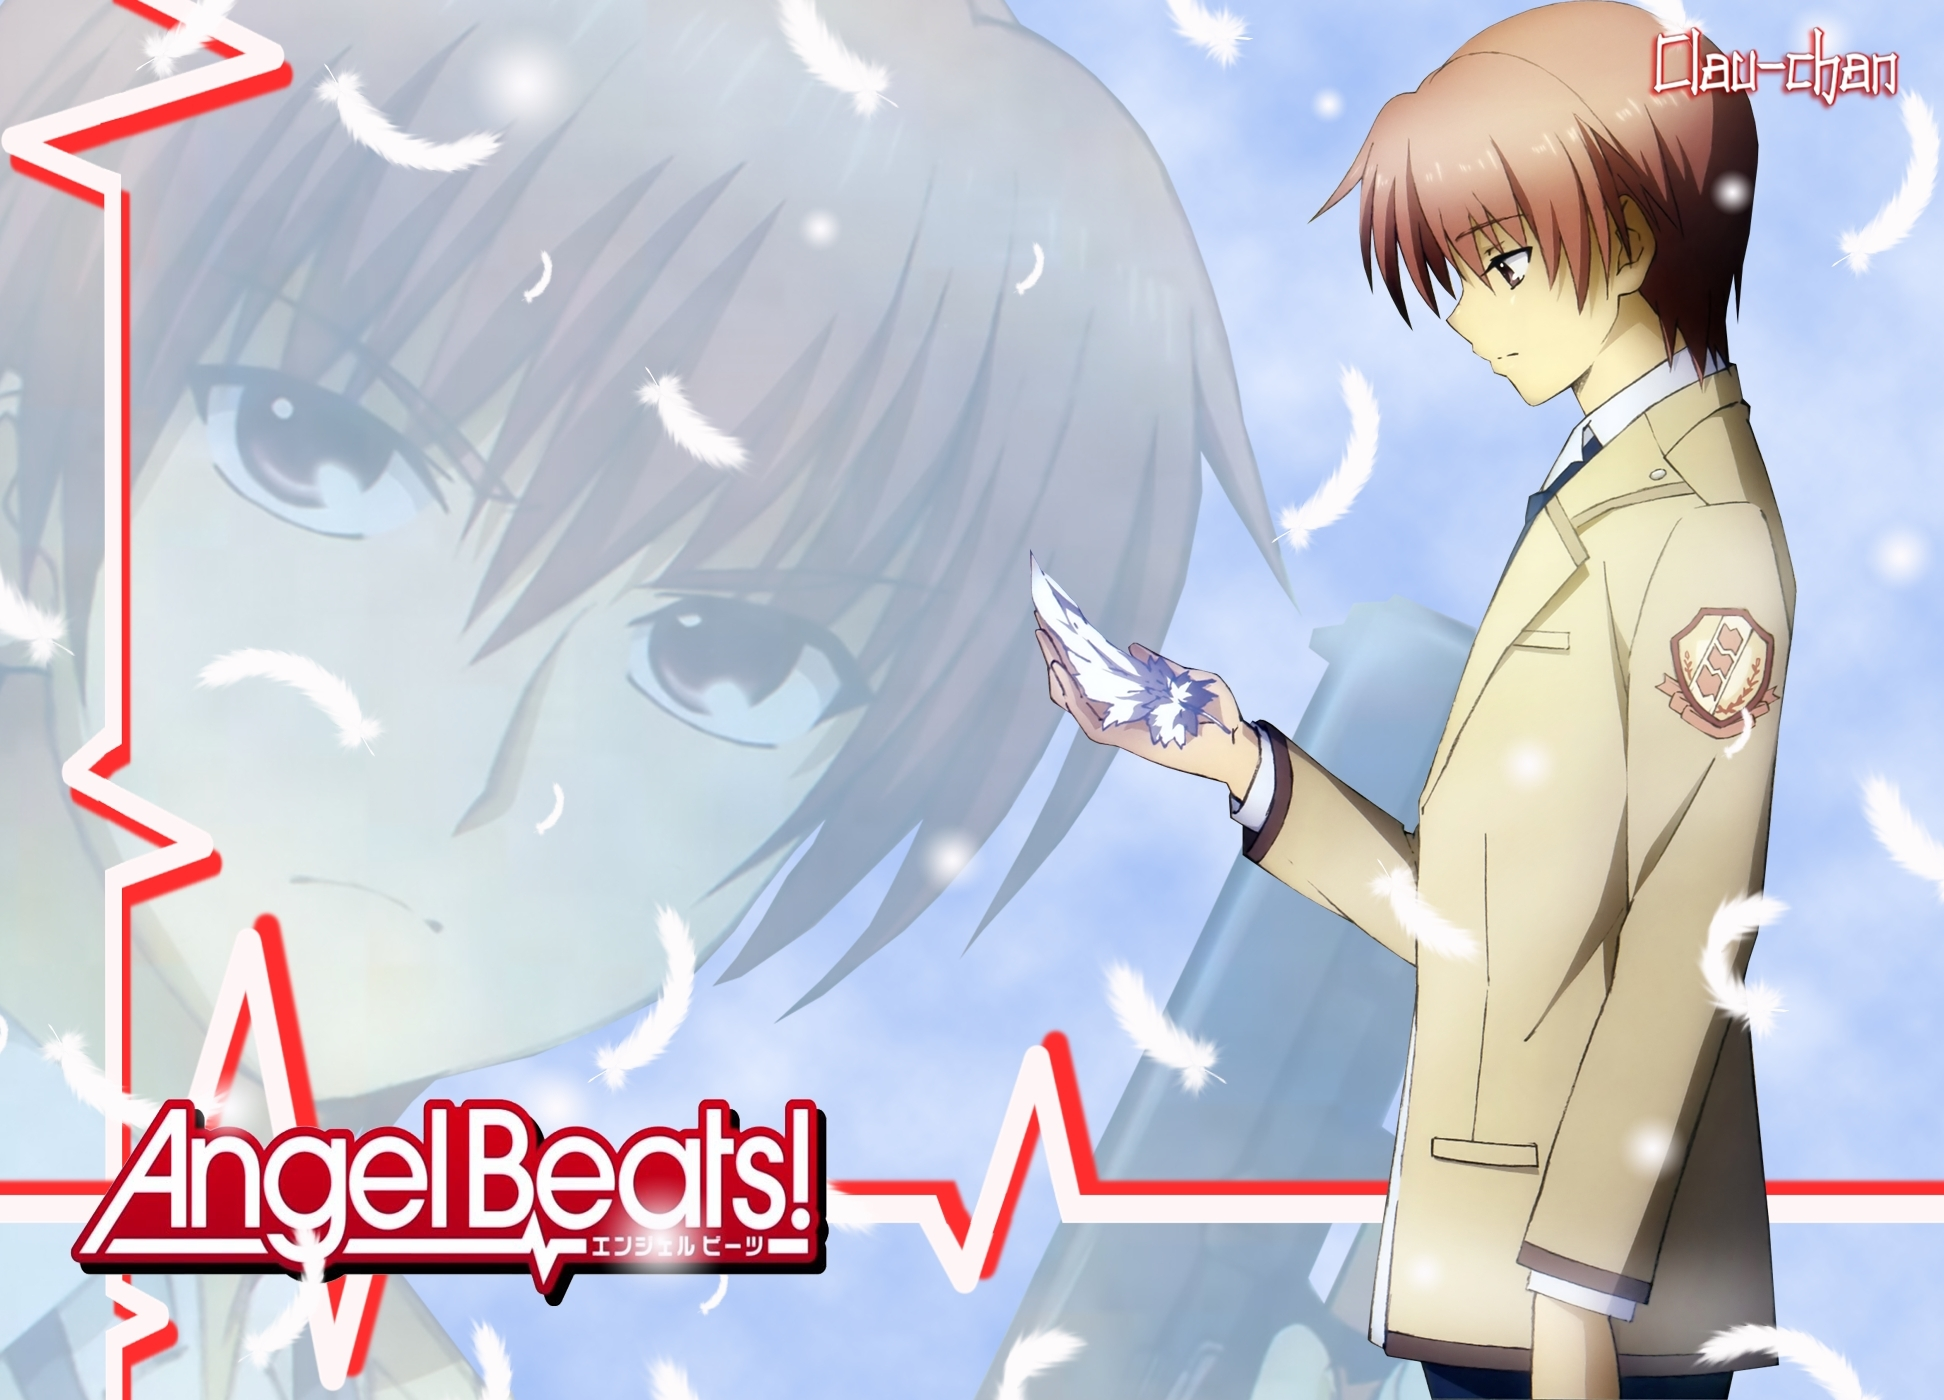 تقرير+صور+حلقات Angel Beats بعدّة جودات عالميديافير angel-Beats-04-angel